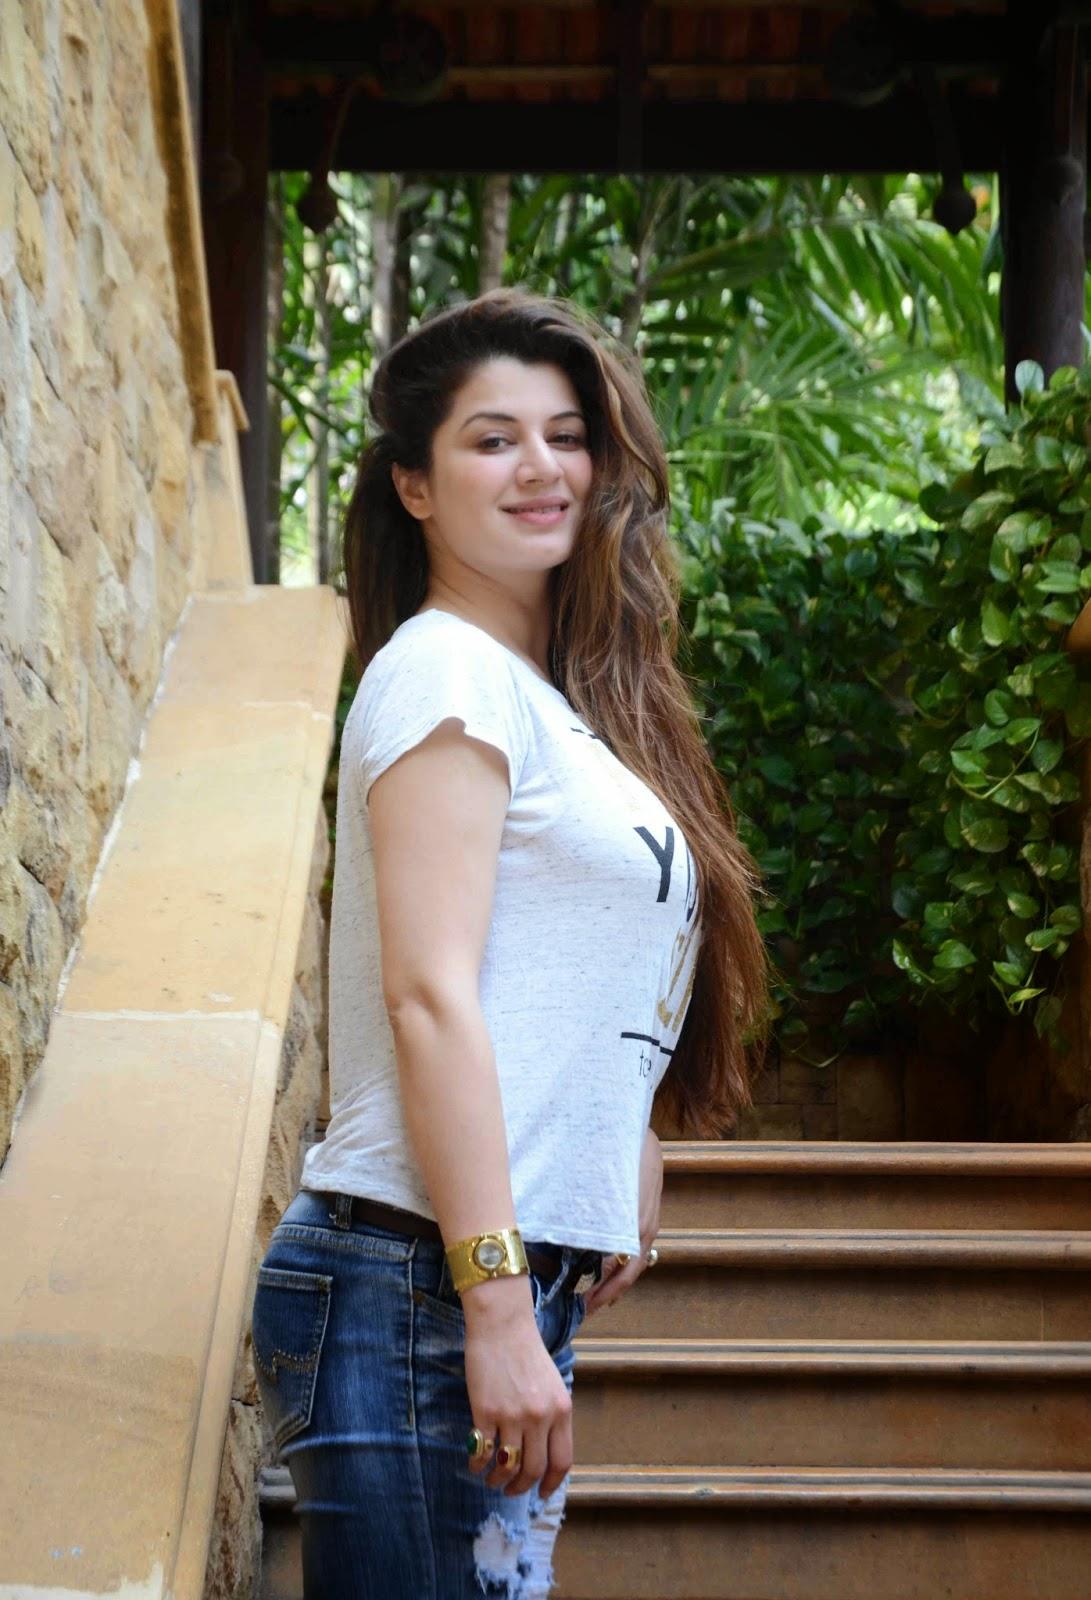 Harriet Philpin,Lubna Salim 1988 Erotic archive Judyann Elder,Natasha Hovey (born in Beirut)